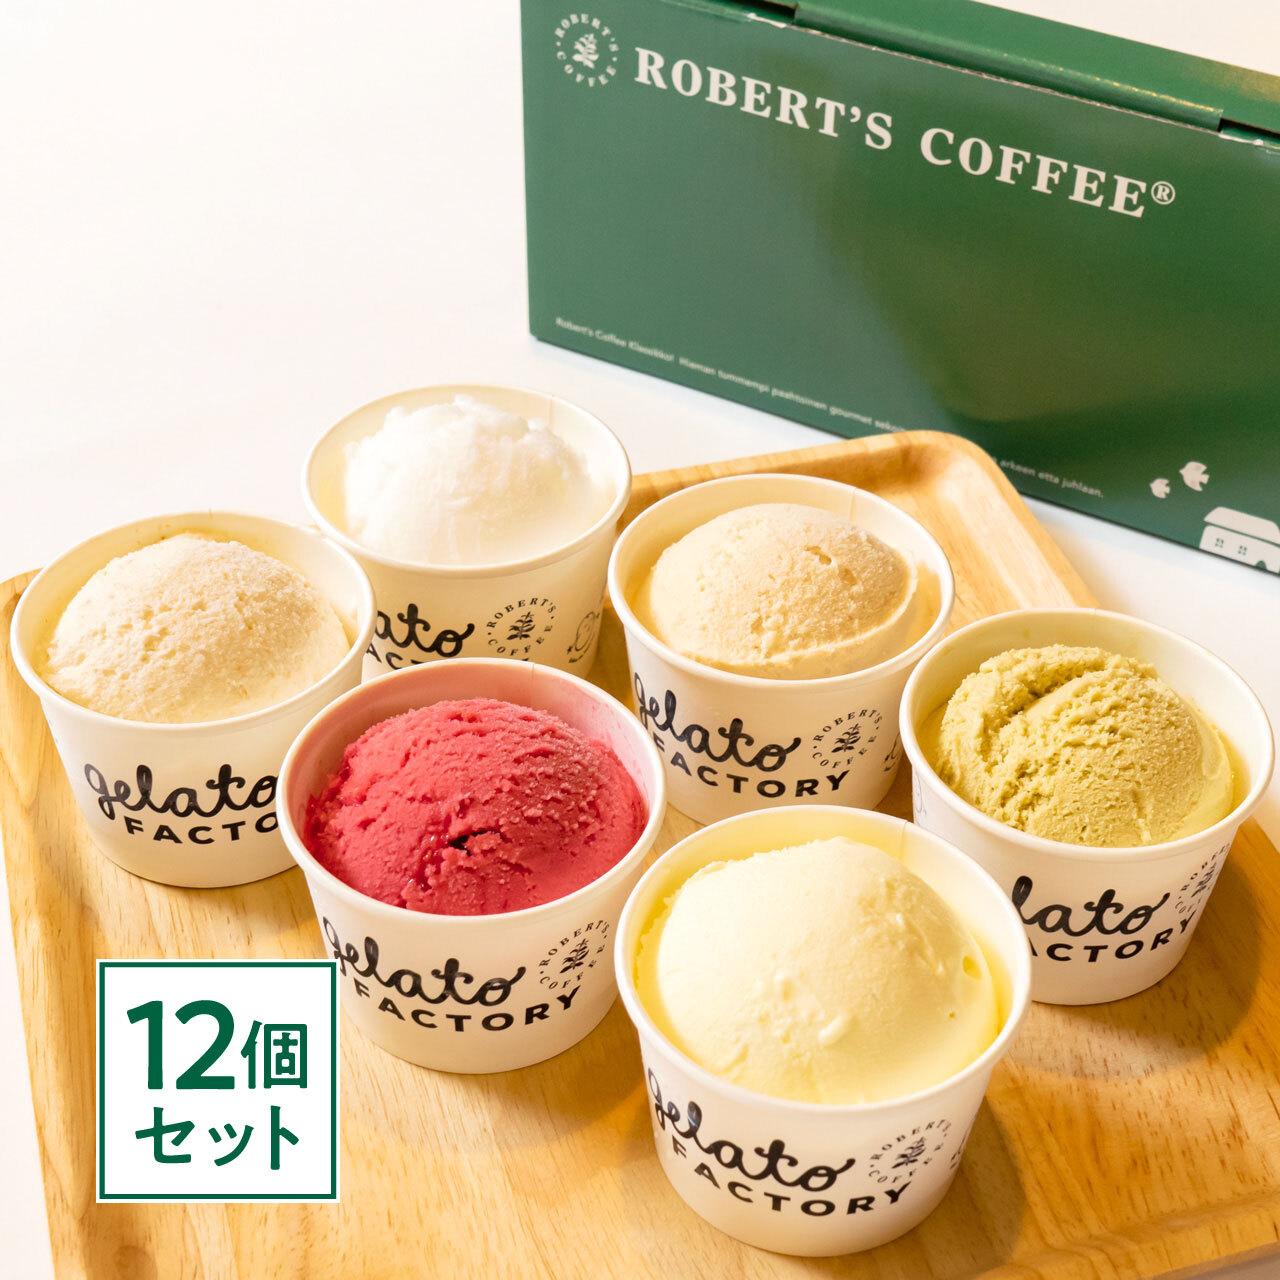 【期間限定】ロバーツコーヒージェラートファクトリー ジェラート6種類セット 12個入(6種×各2個)